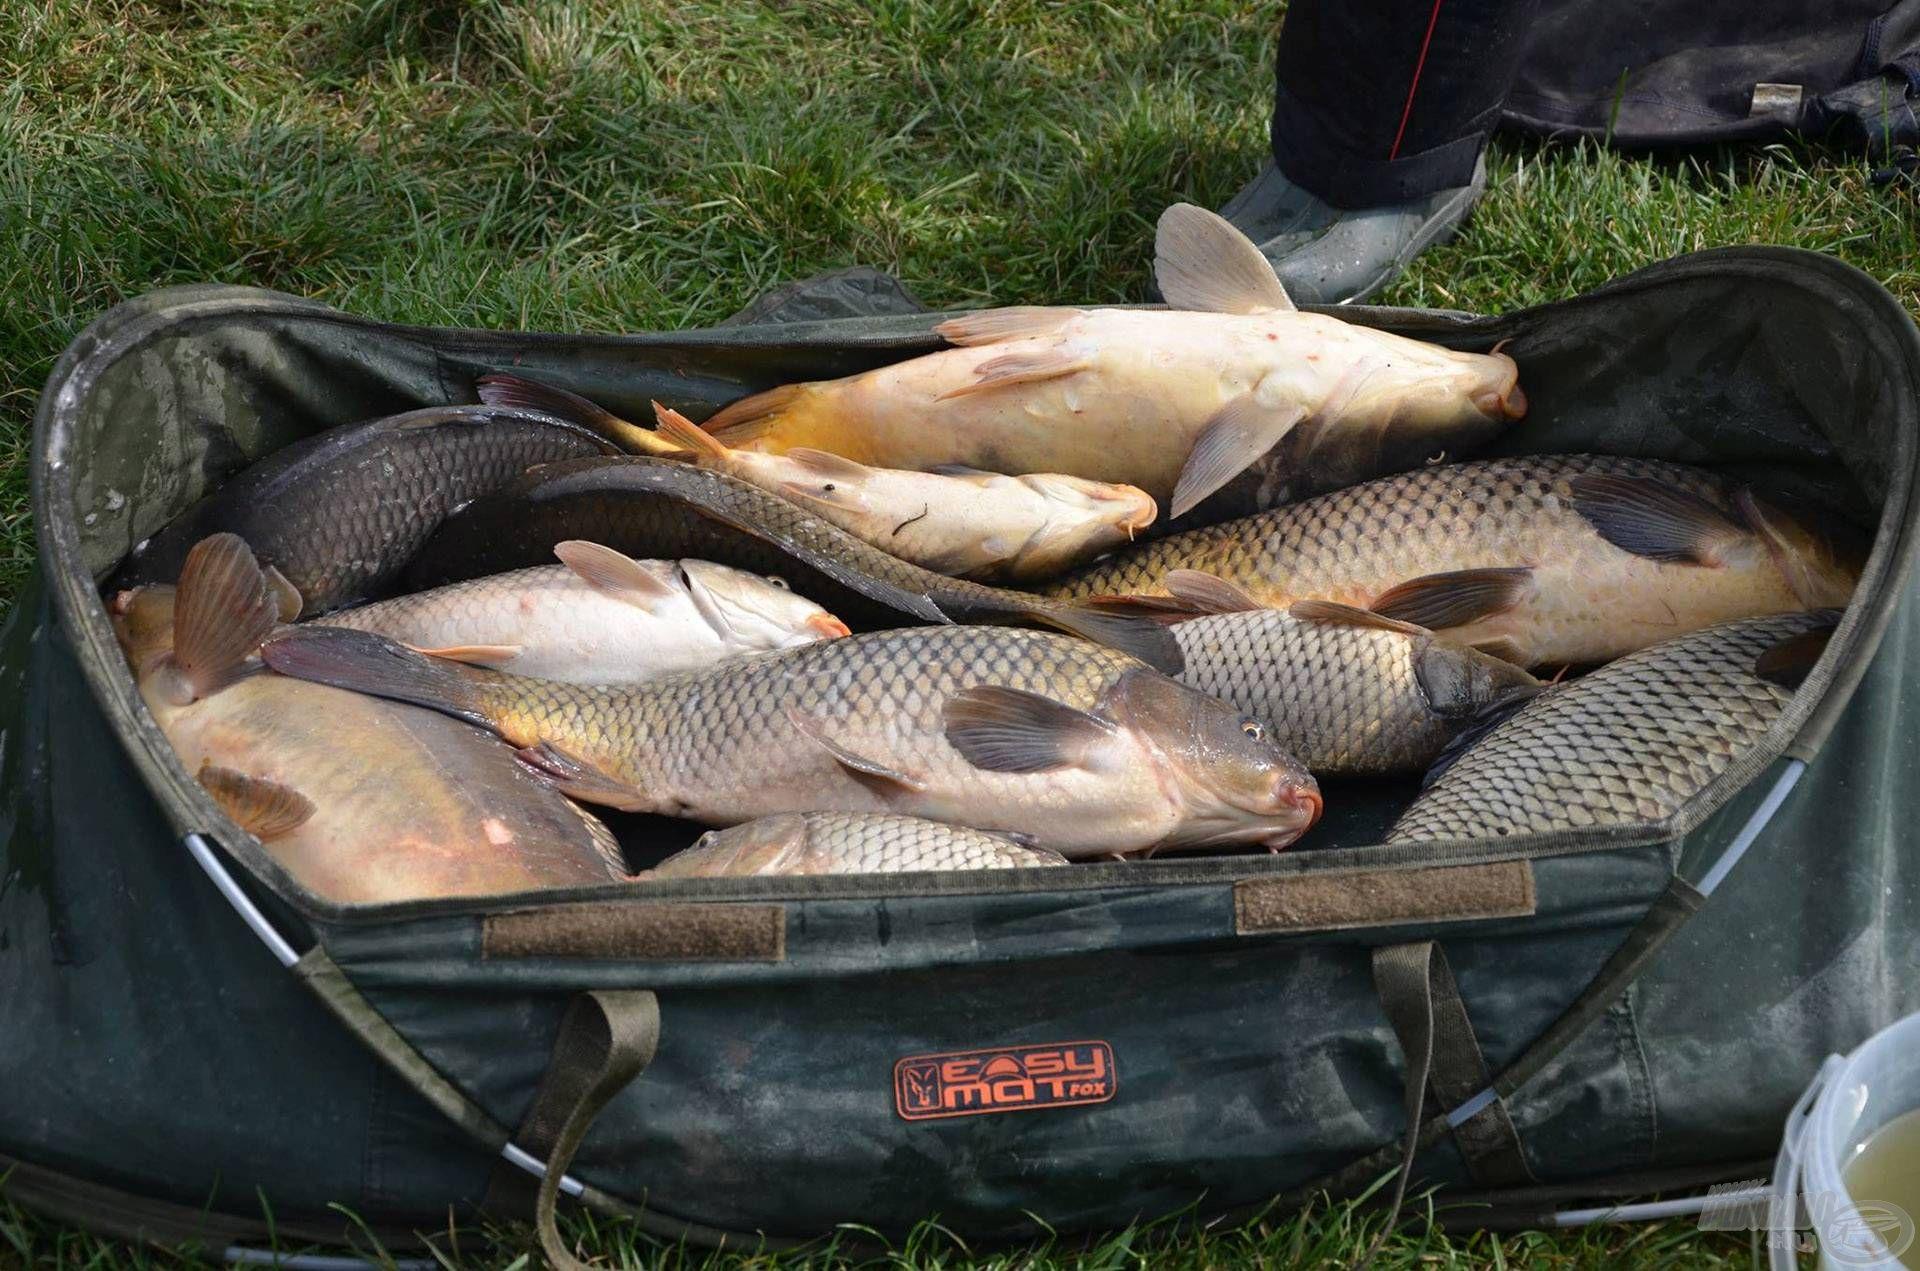 Az ősz a nagyhalas szezon, így bízunk benne, sok ilyen terítékfotó készül majd a mérlegelésekkor